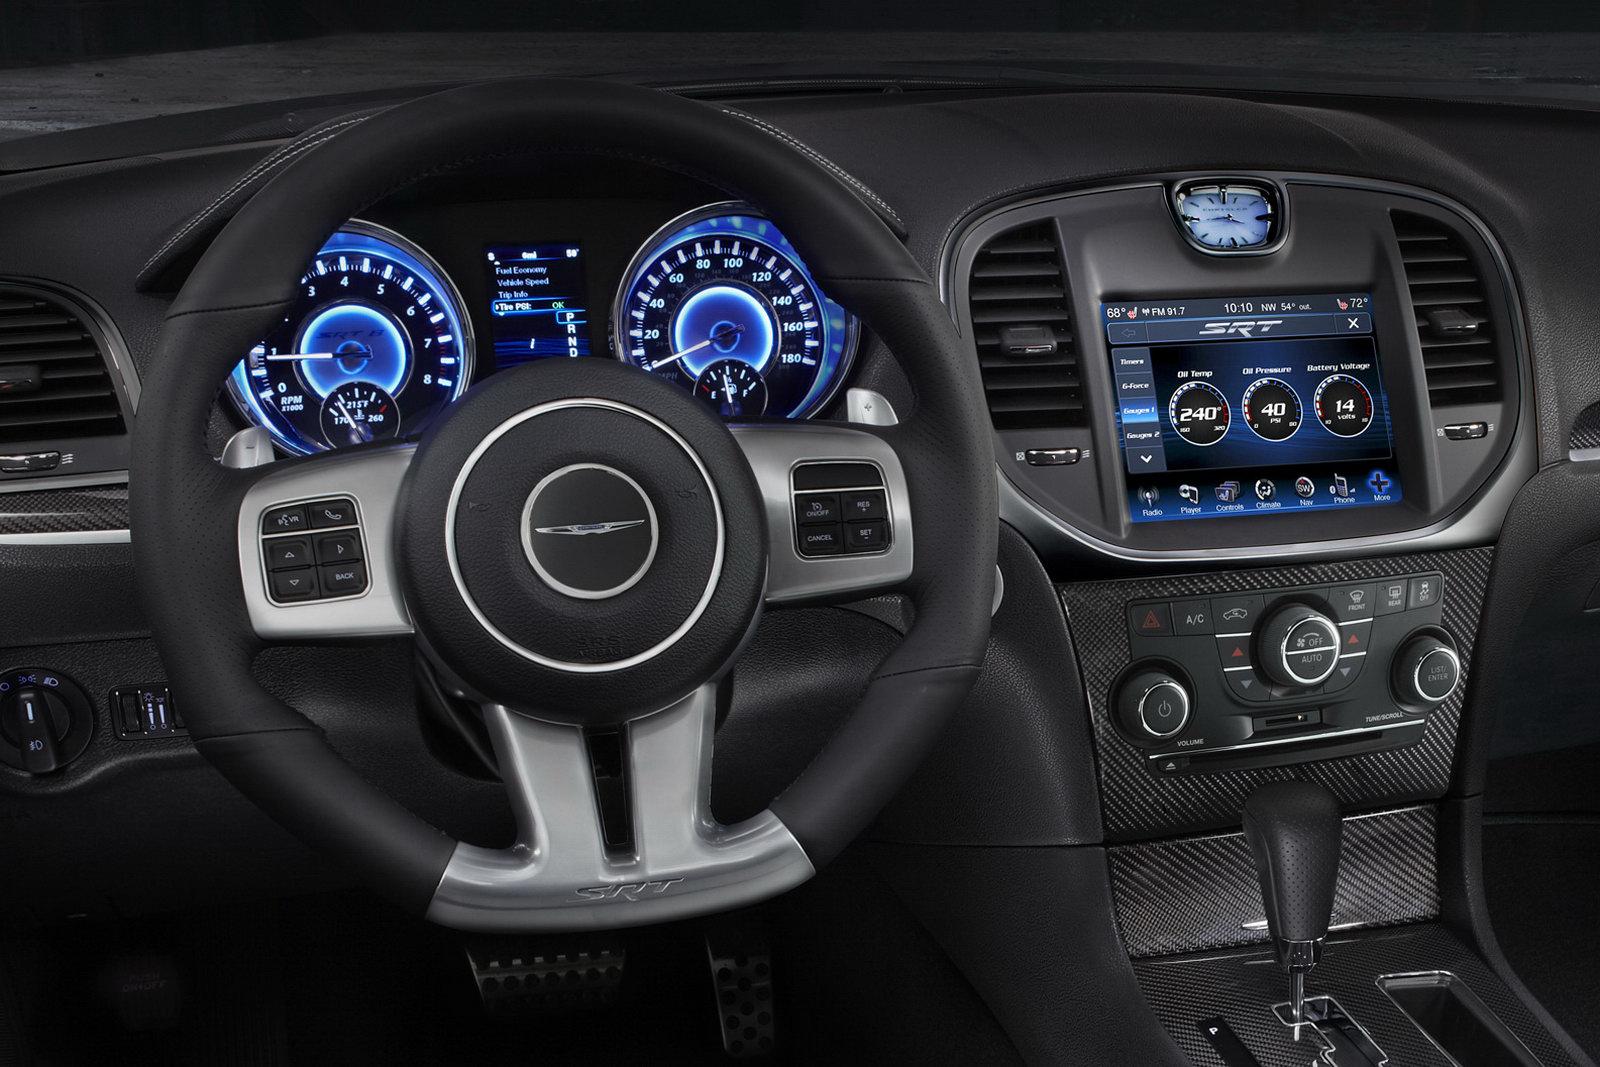 2012 Chrysler 300C SRT8 - Cars